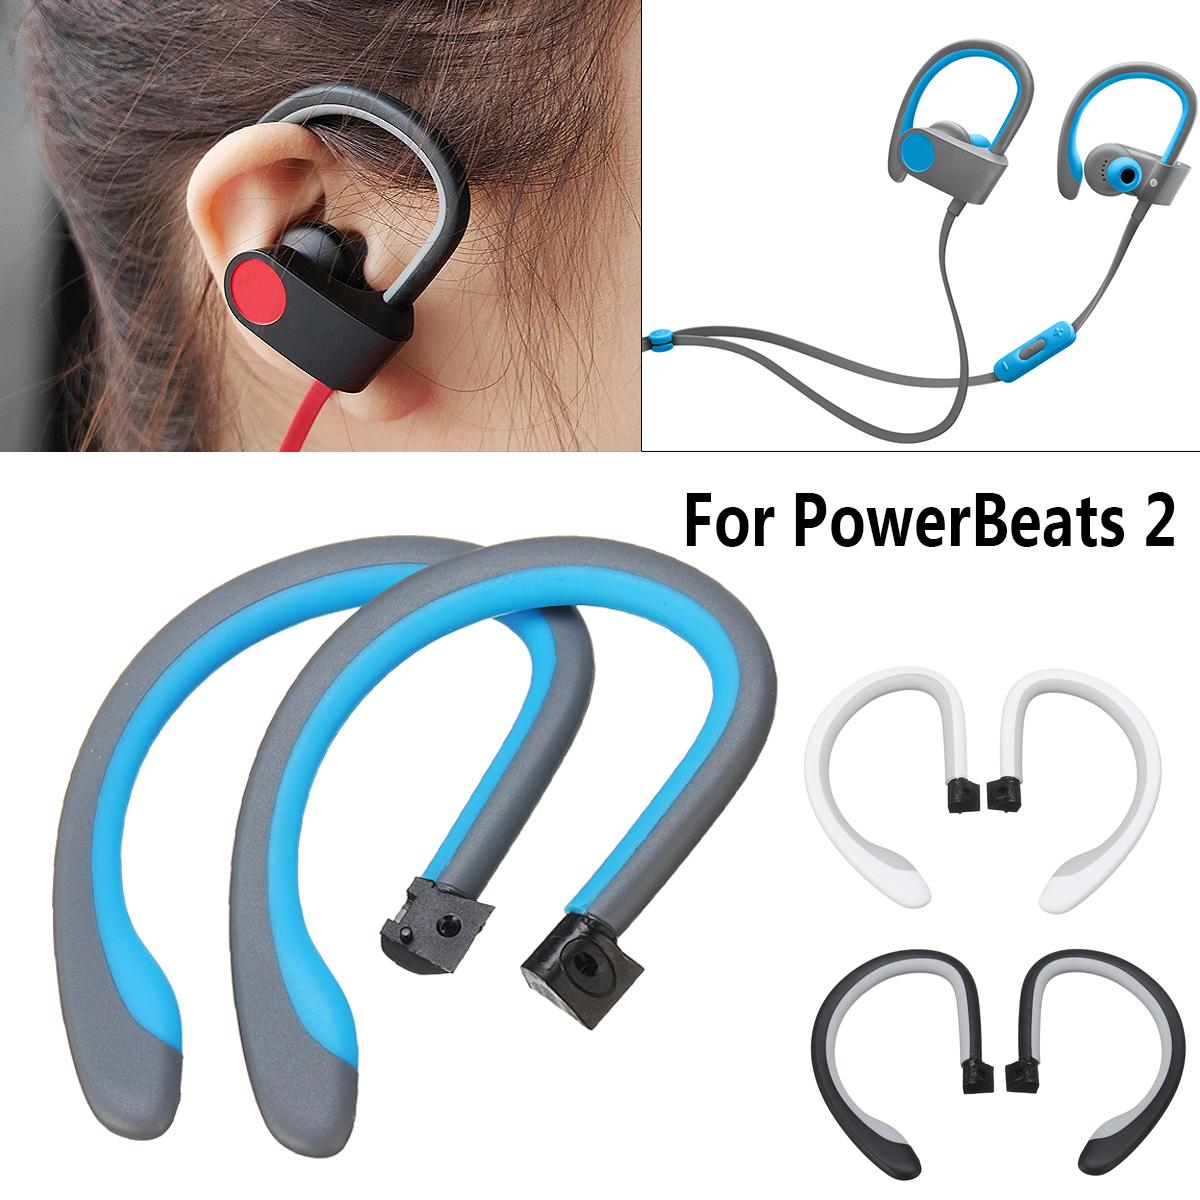 Flexible Replacement Part Earhooks Earbud Tip For PowerBeats 2 Wireless Ear Hook In-Ear Headphone